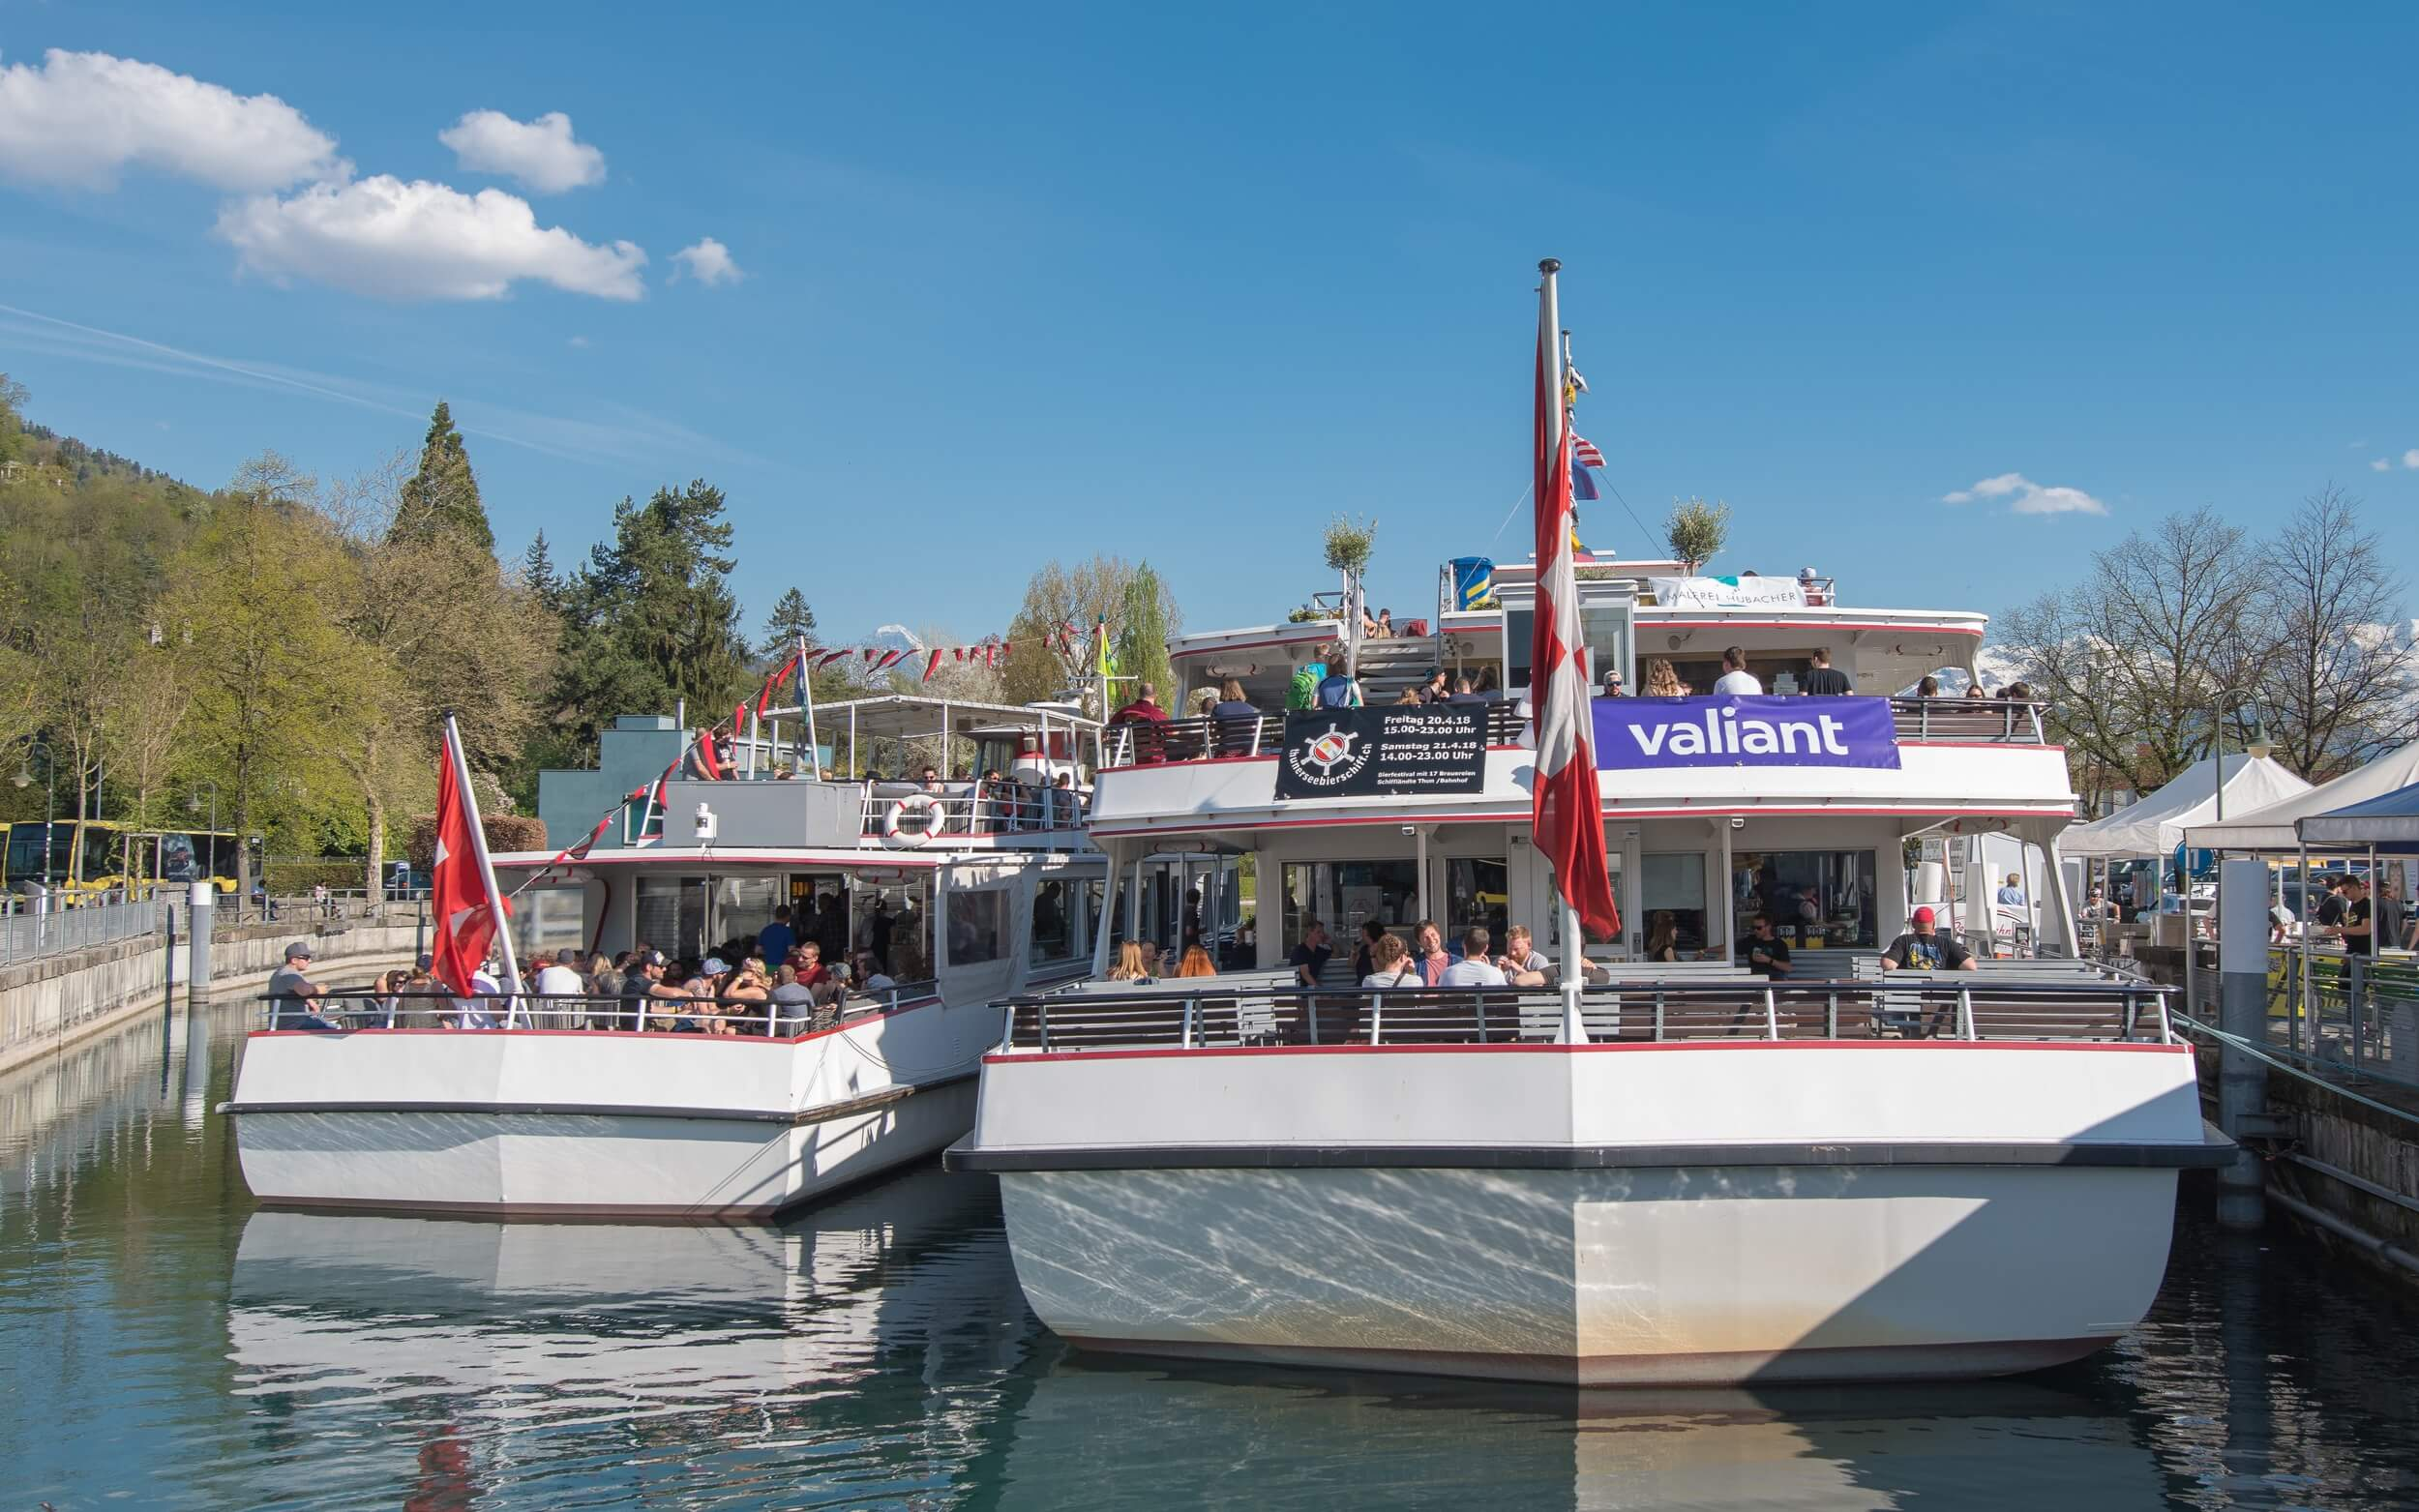 verein_thunersee_bierschiff-2018-0020